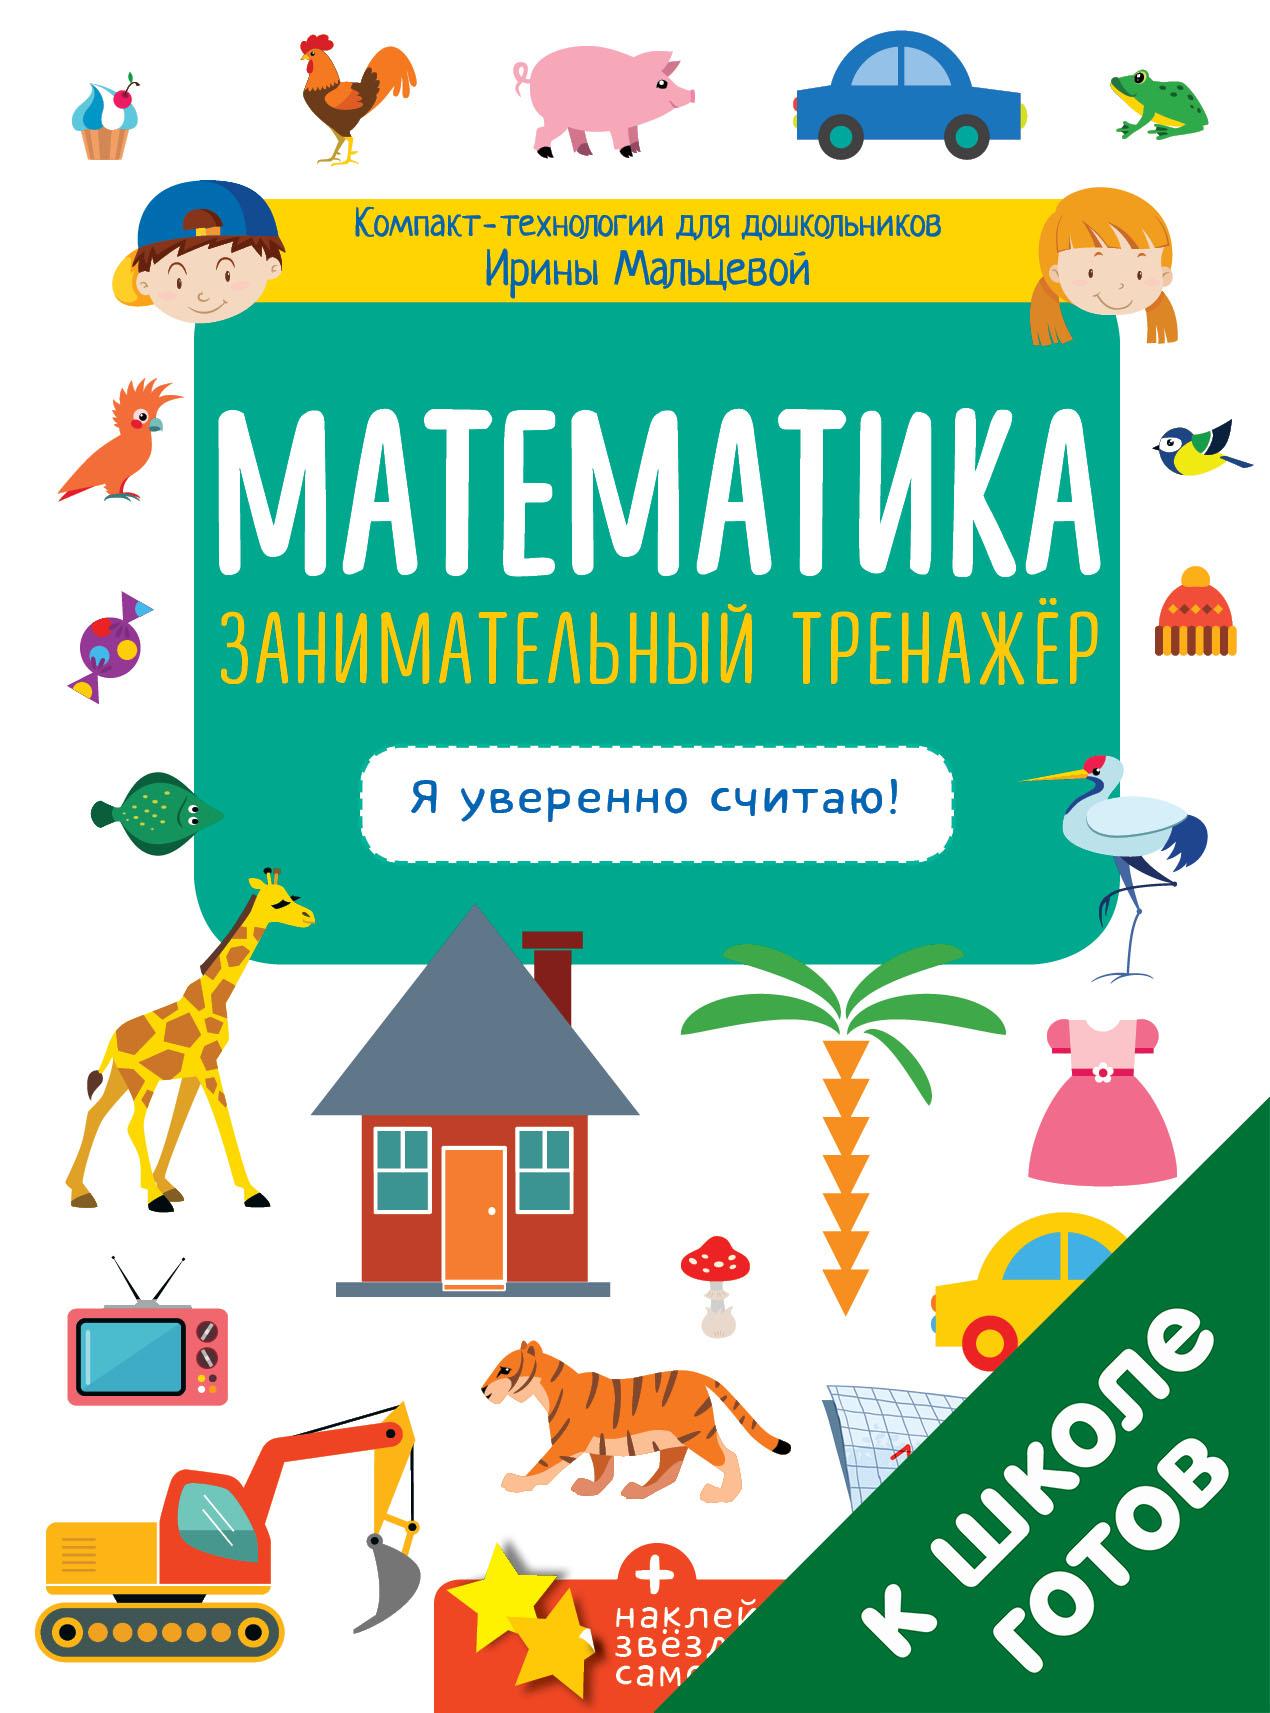 Zakazat.ru: Математика. Занимательный тренажёр. Я уверенно считаю!. И. Мальцева